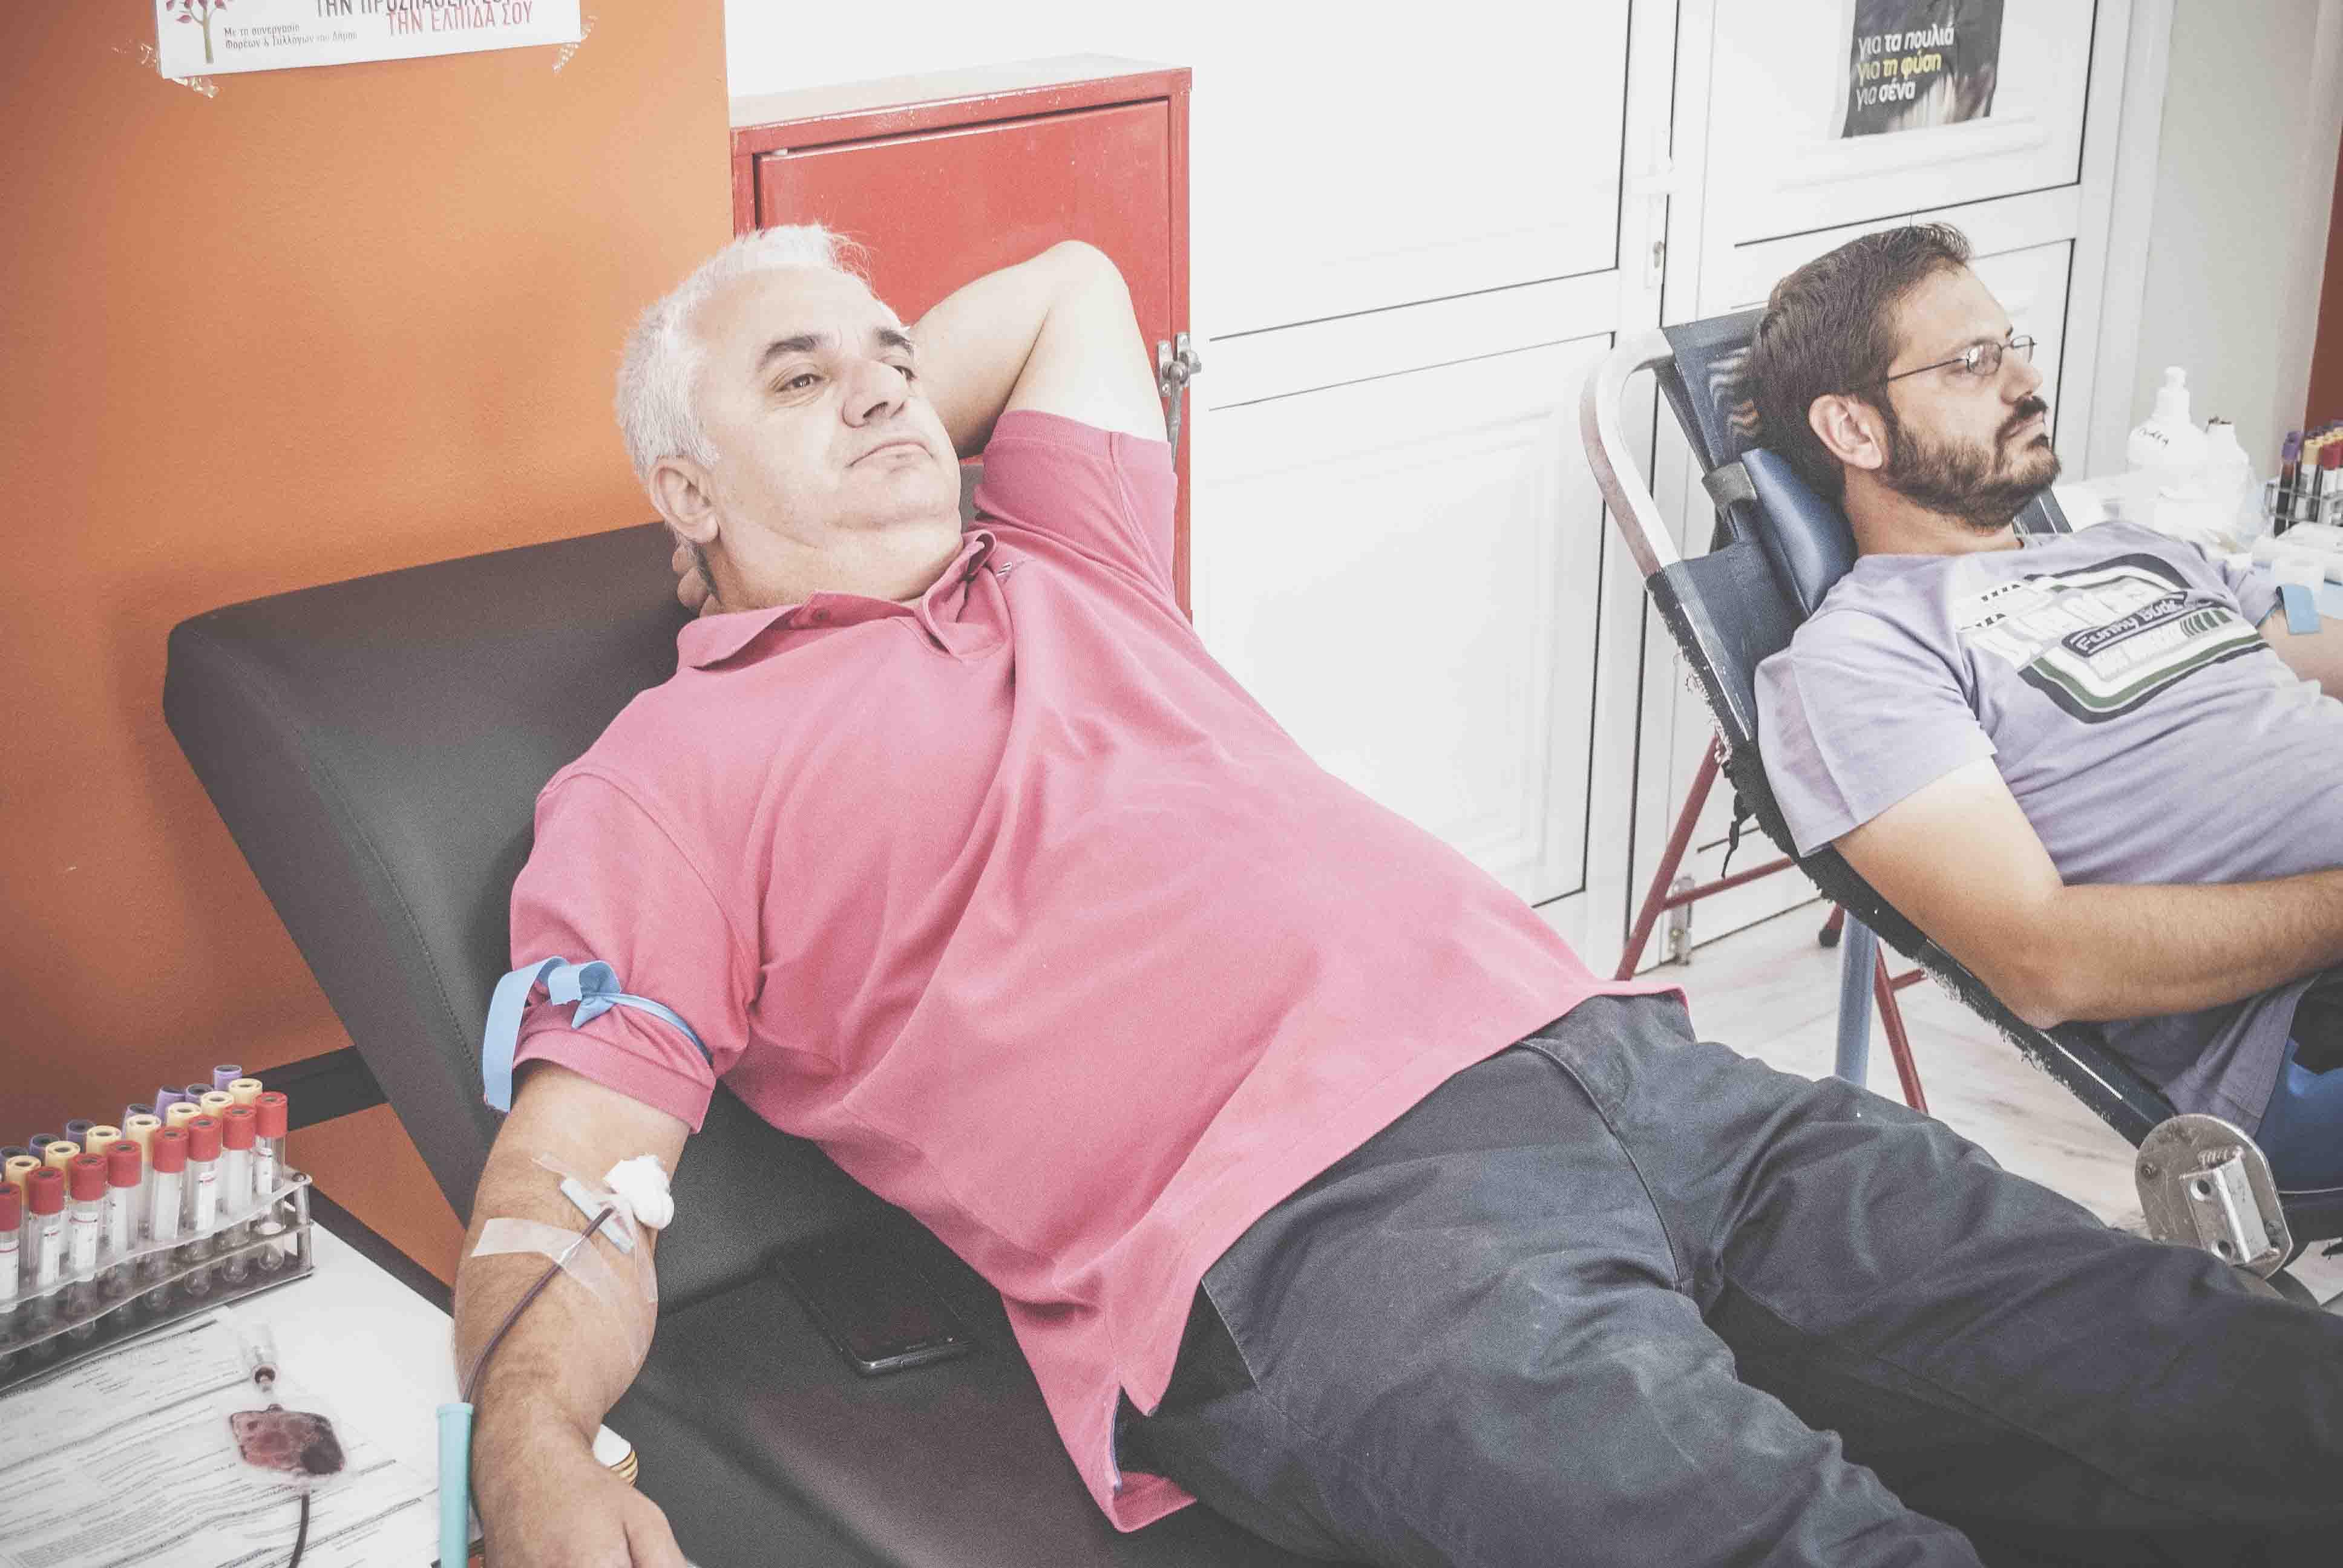 Πραγματοποιήθηκε η αιμοδοσία στον Δήμο Διρφύων Μεσσαπίων DSC 0157